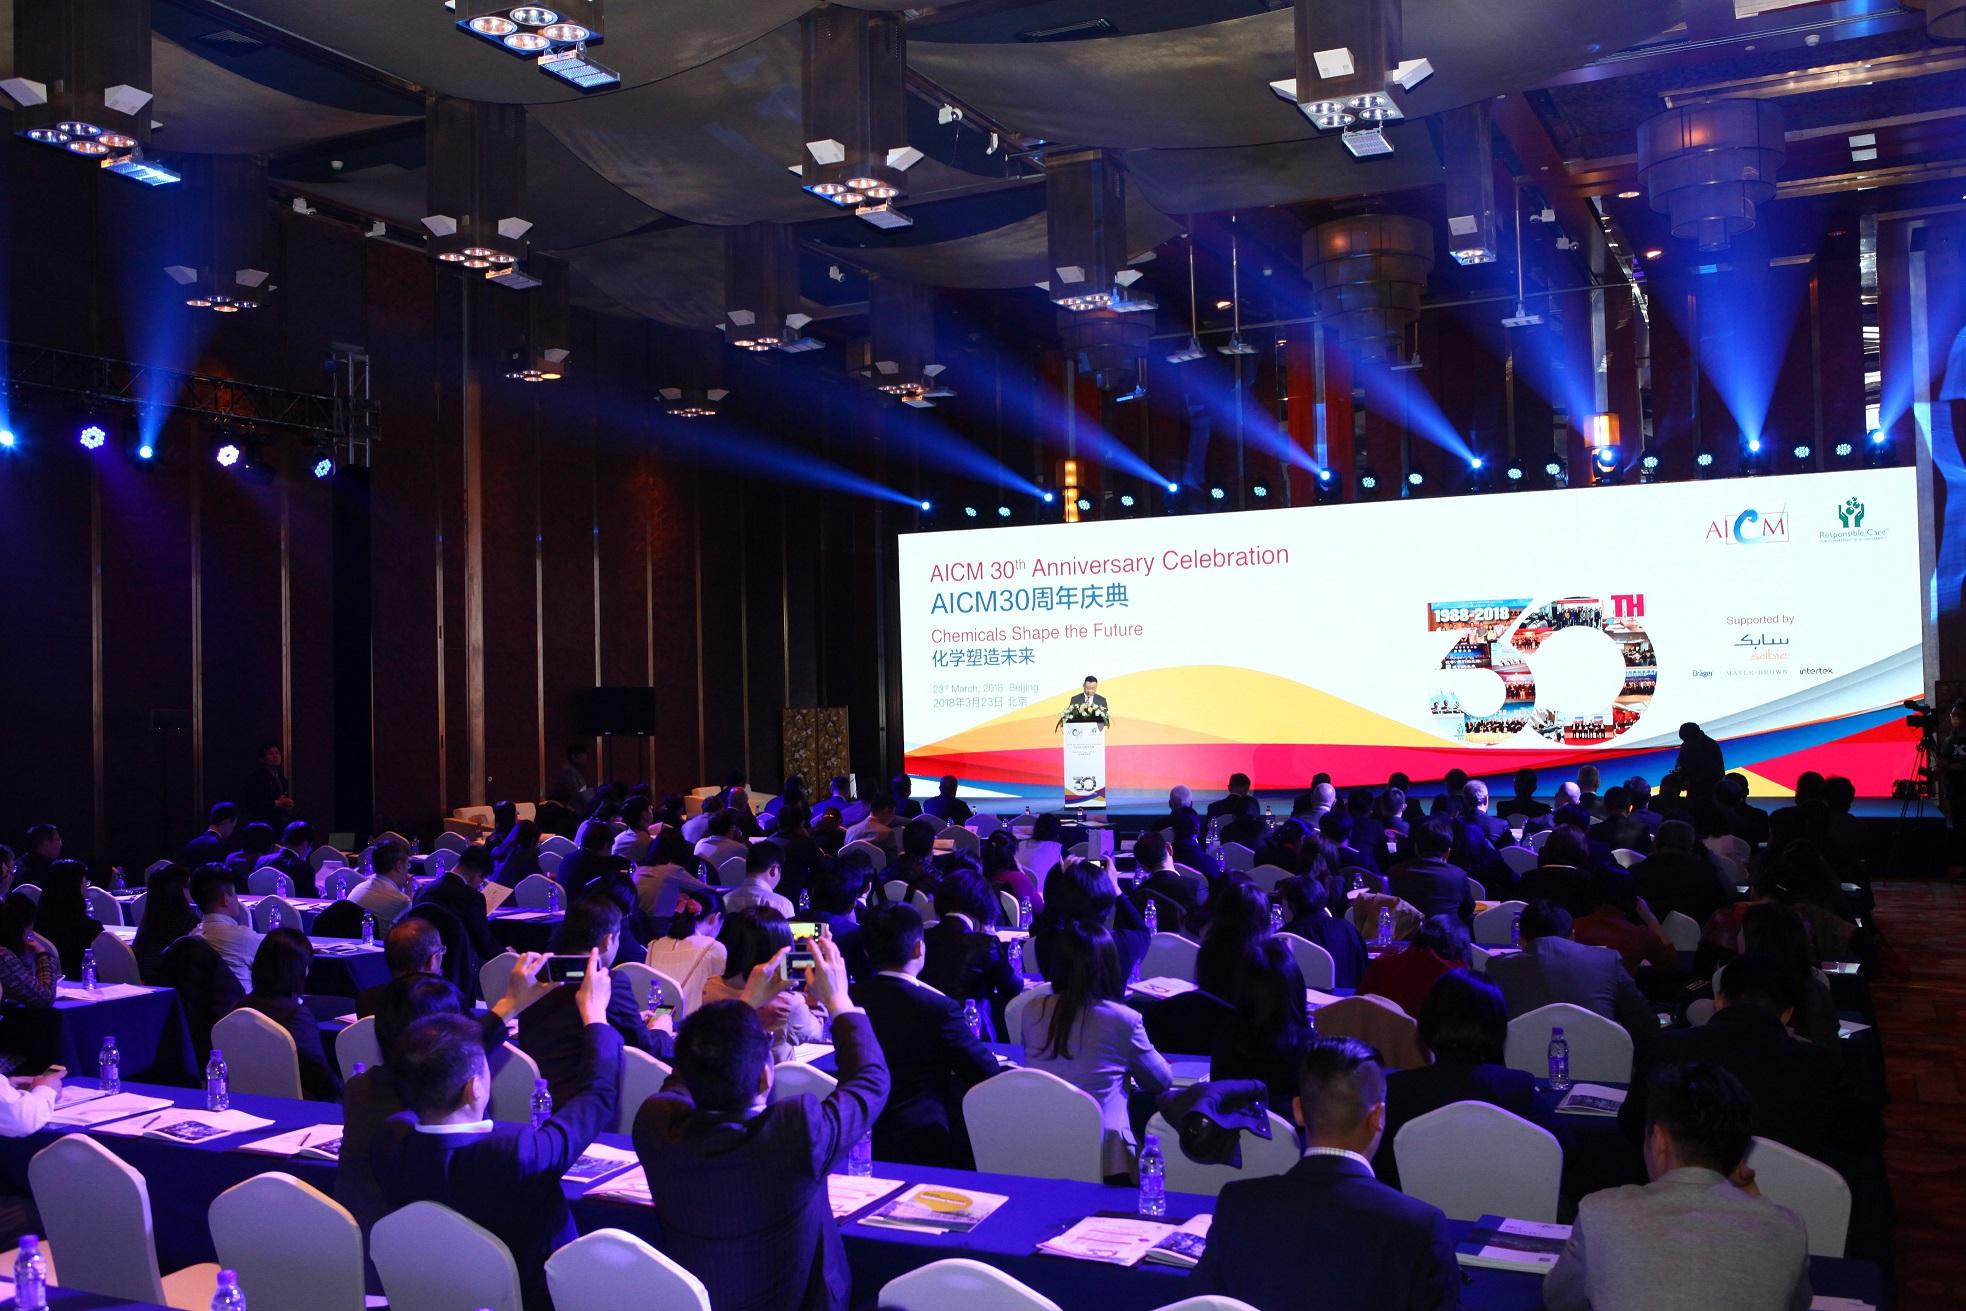 AICM30周年庆典1web.jpg